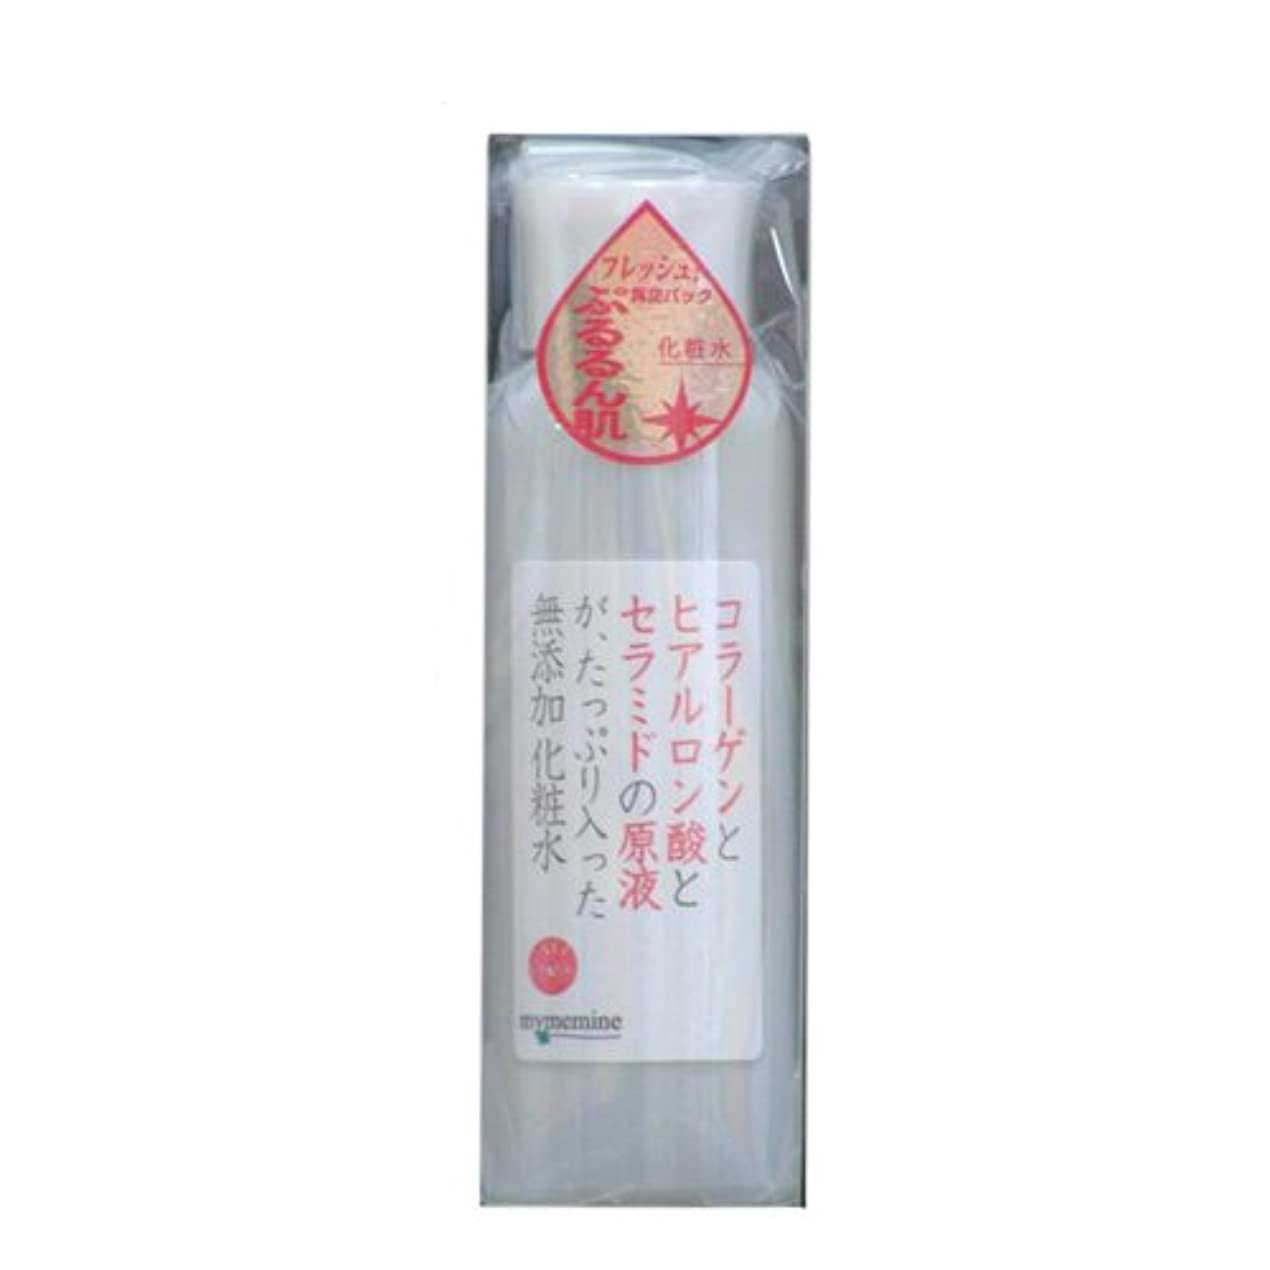 平らにする勧める充電マイミーマイン コラーゲンとヒアルロン酸とセラミドの原液が、たっぷり入った無添加化粧水